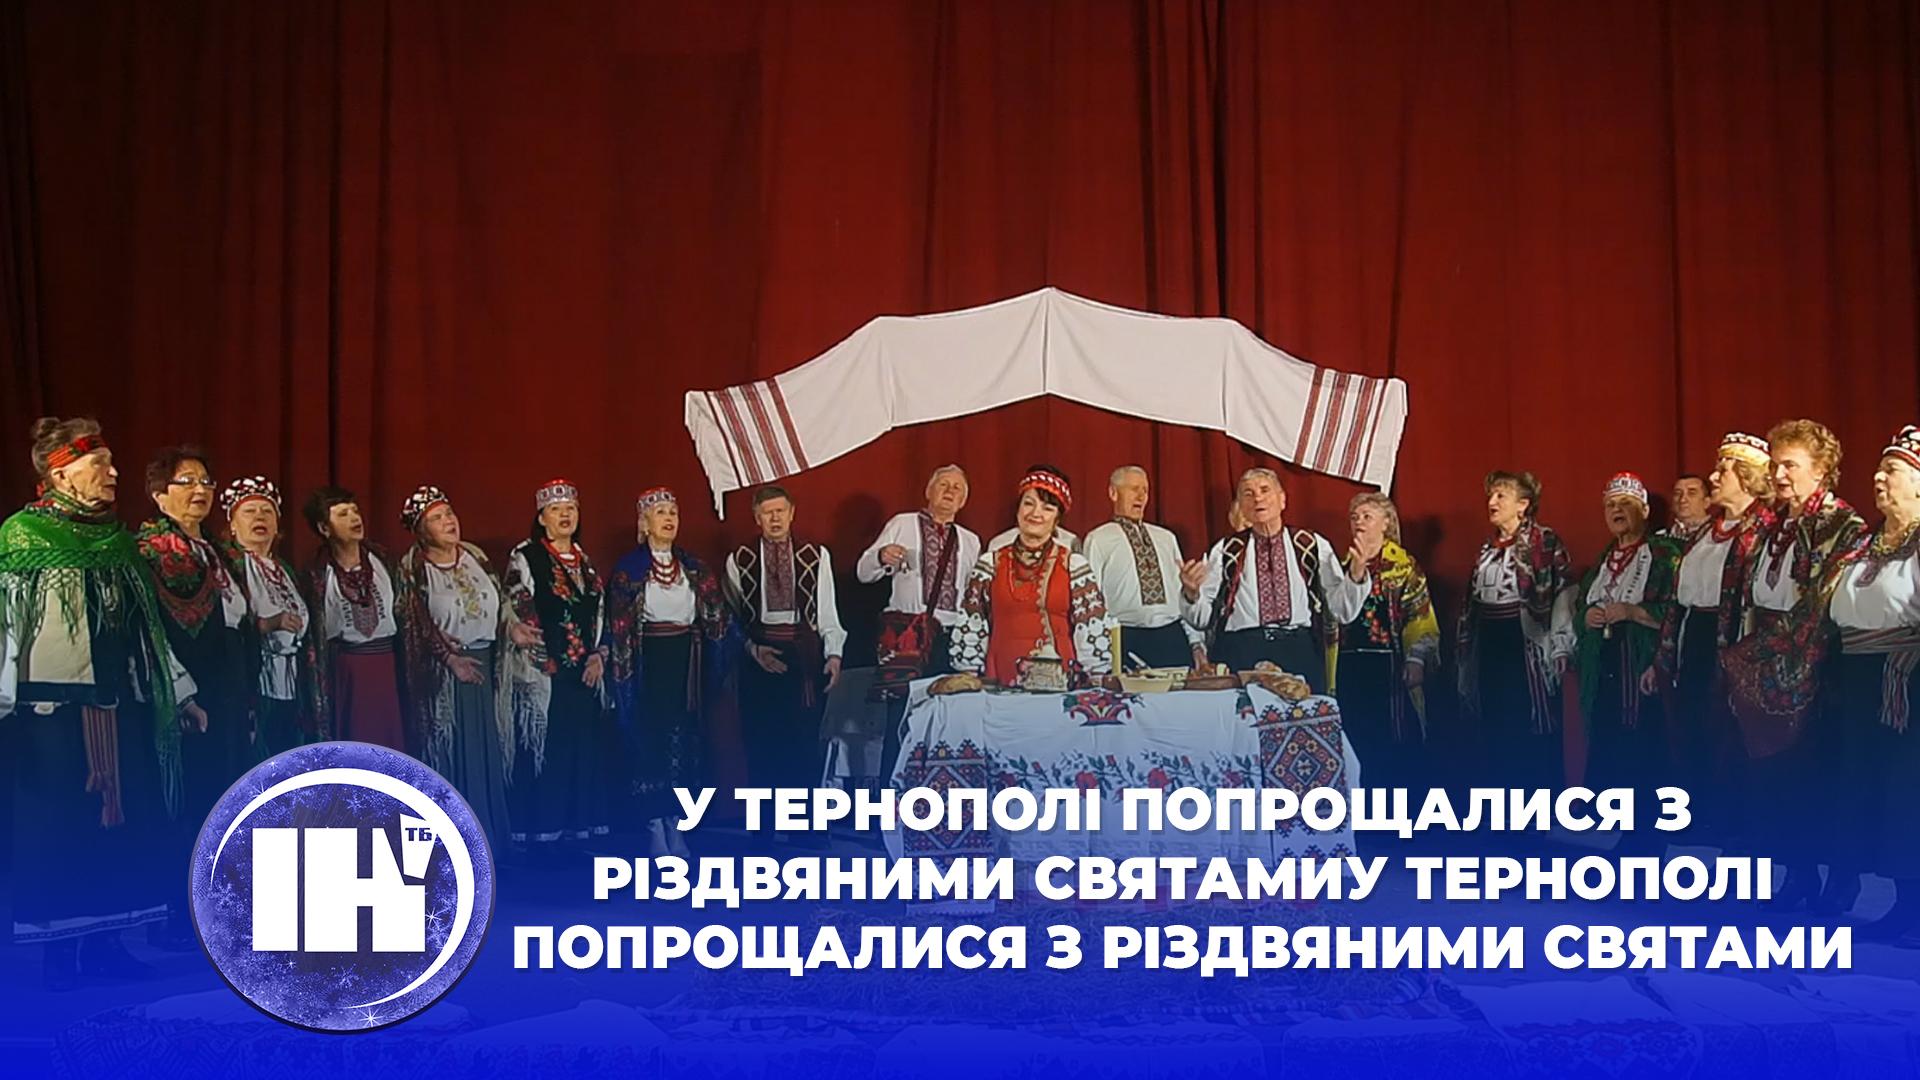 У Тернополі попрощалися з різдвяними святами